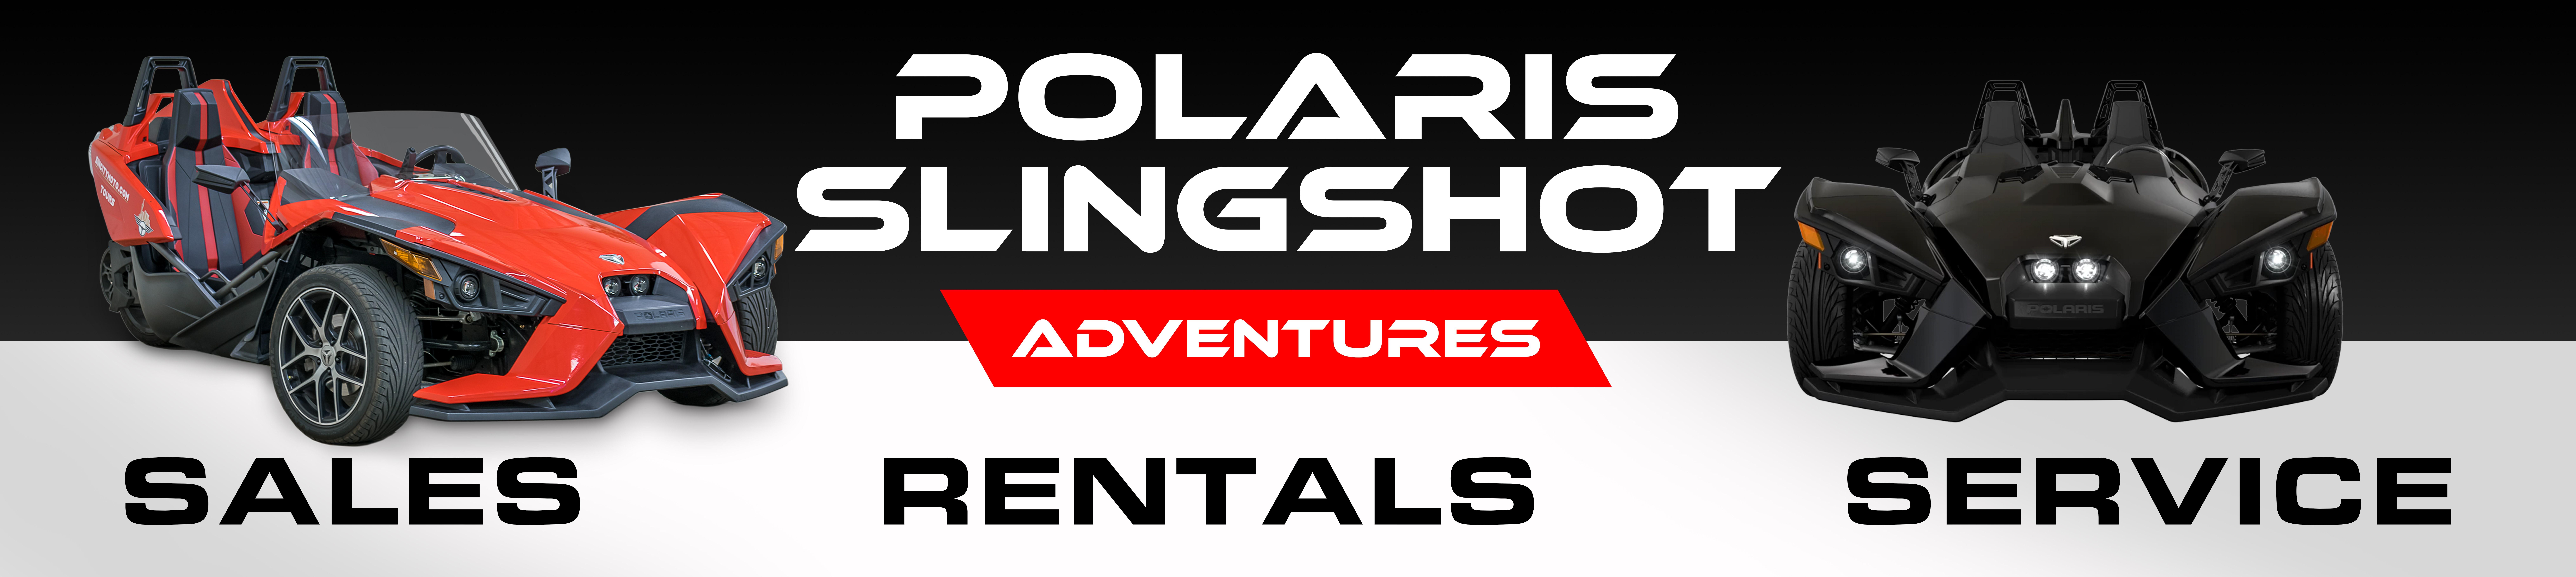 Slingshot Adventures